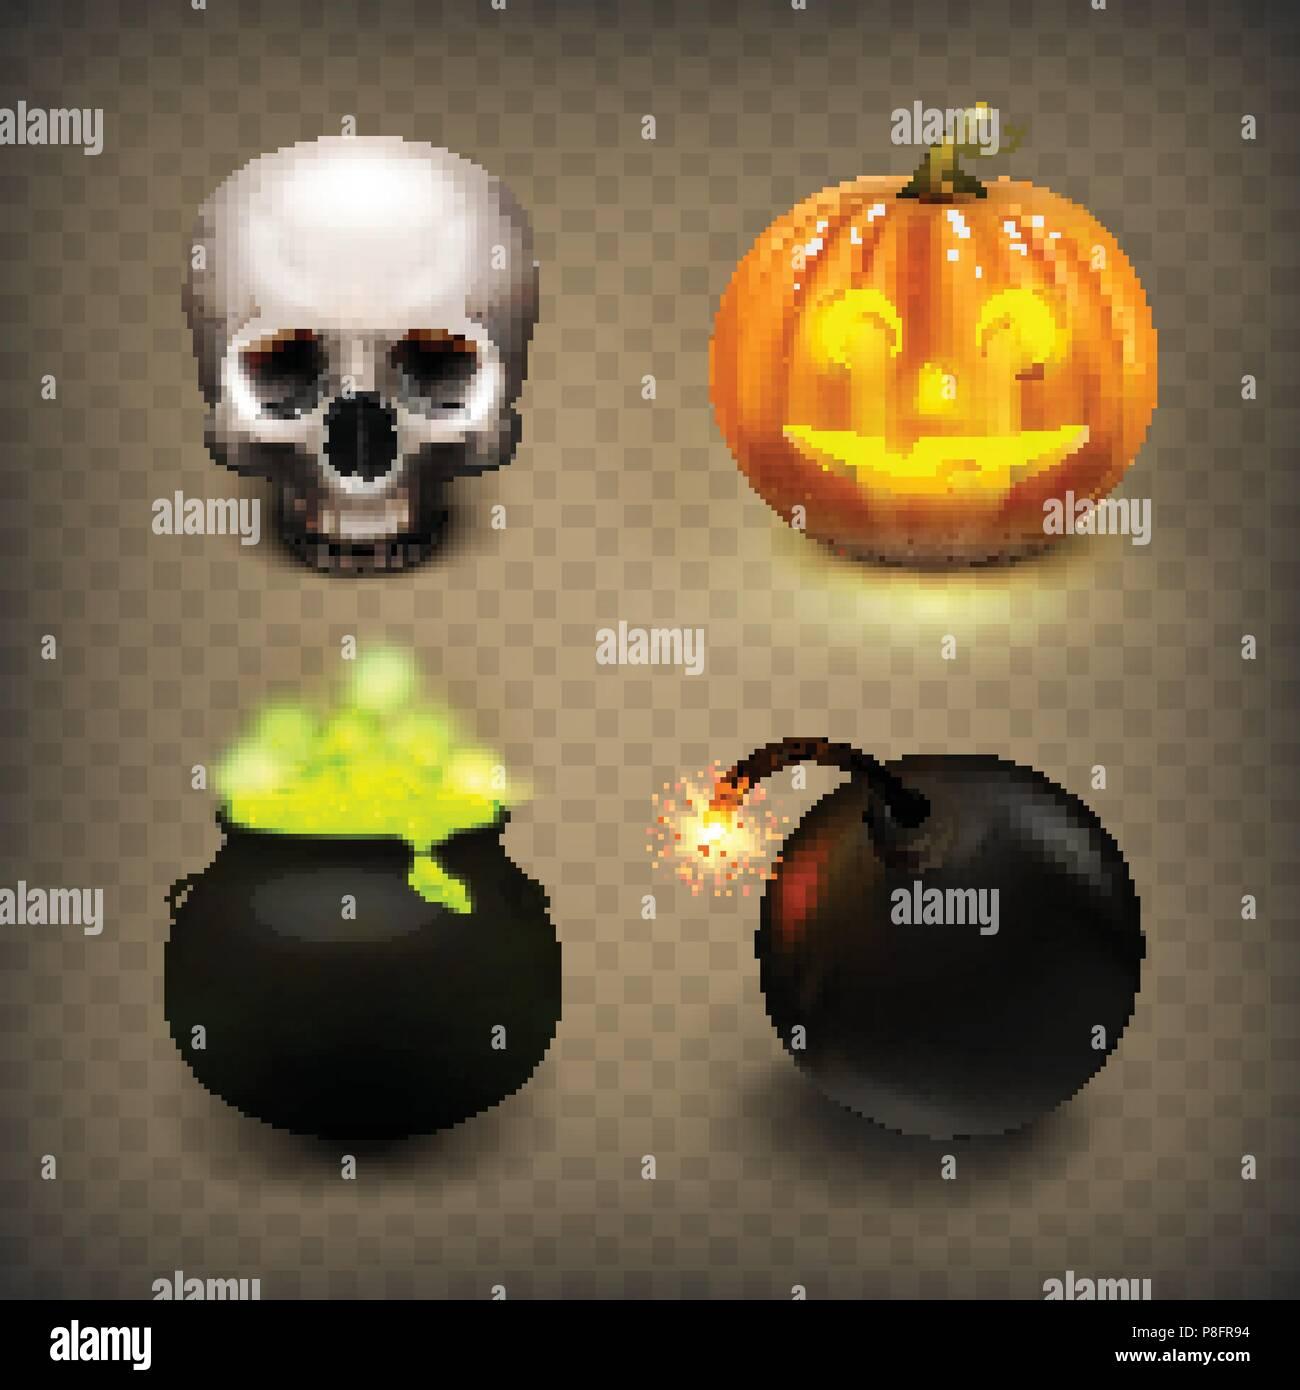 Immagine Zucca Di Halloween 94.Stock Illustrazione Vettoriale Cranio Realistico Jack O Lantern